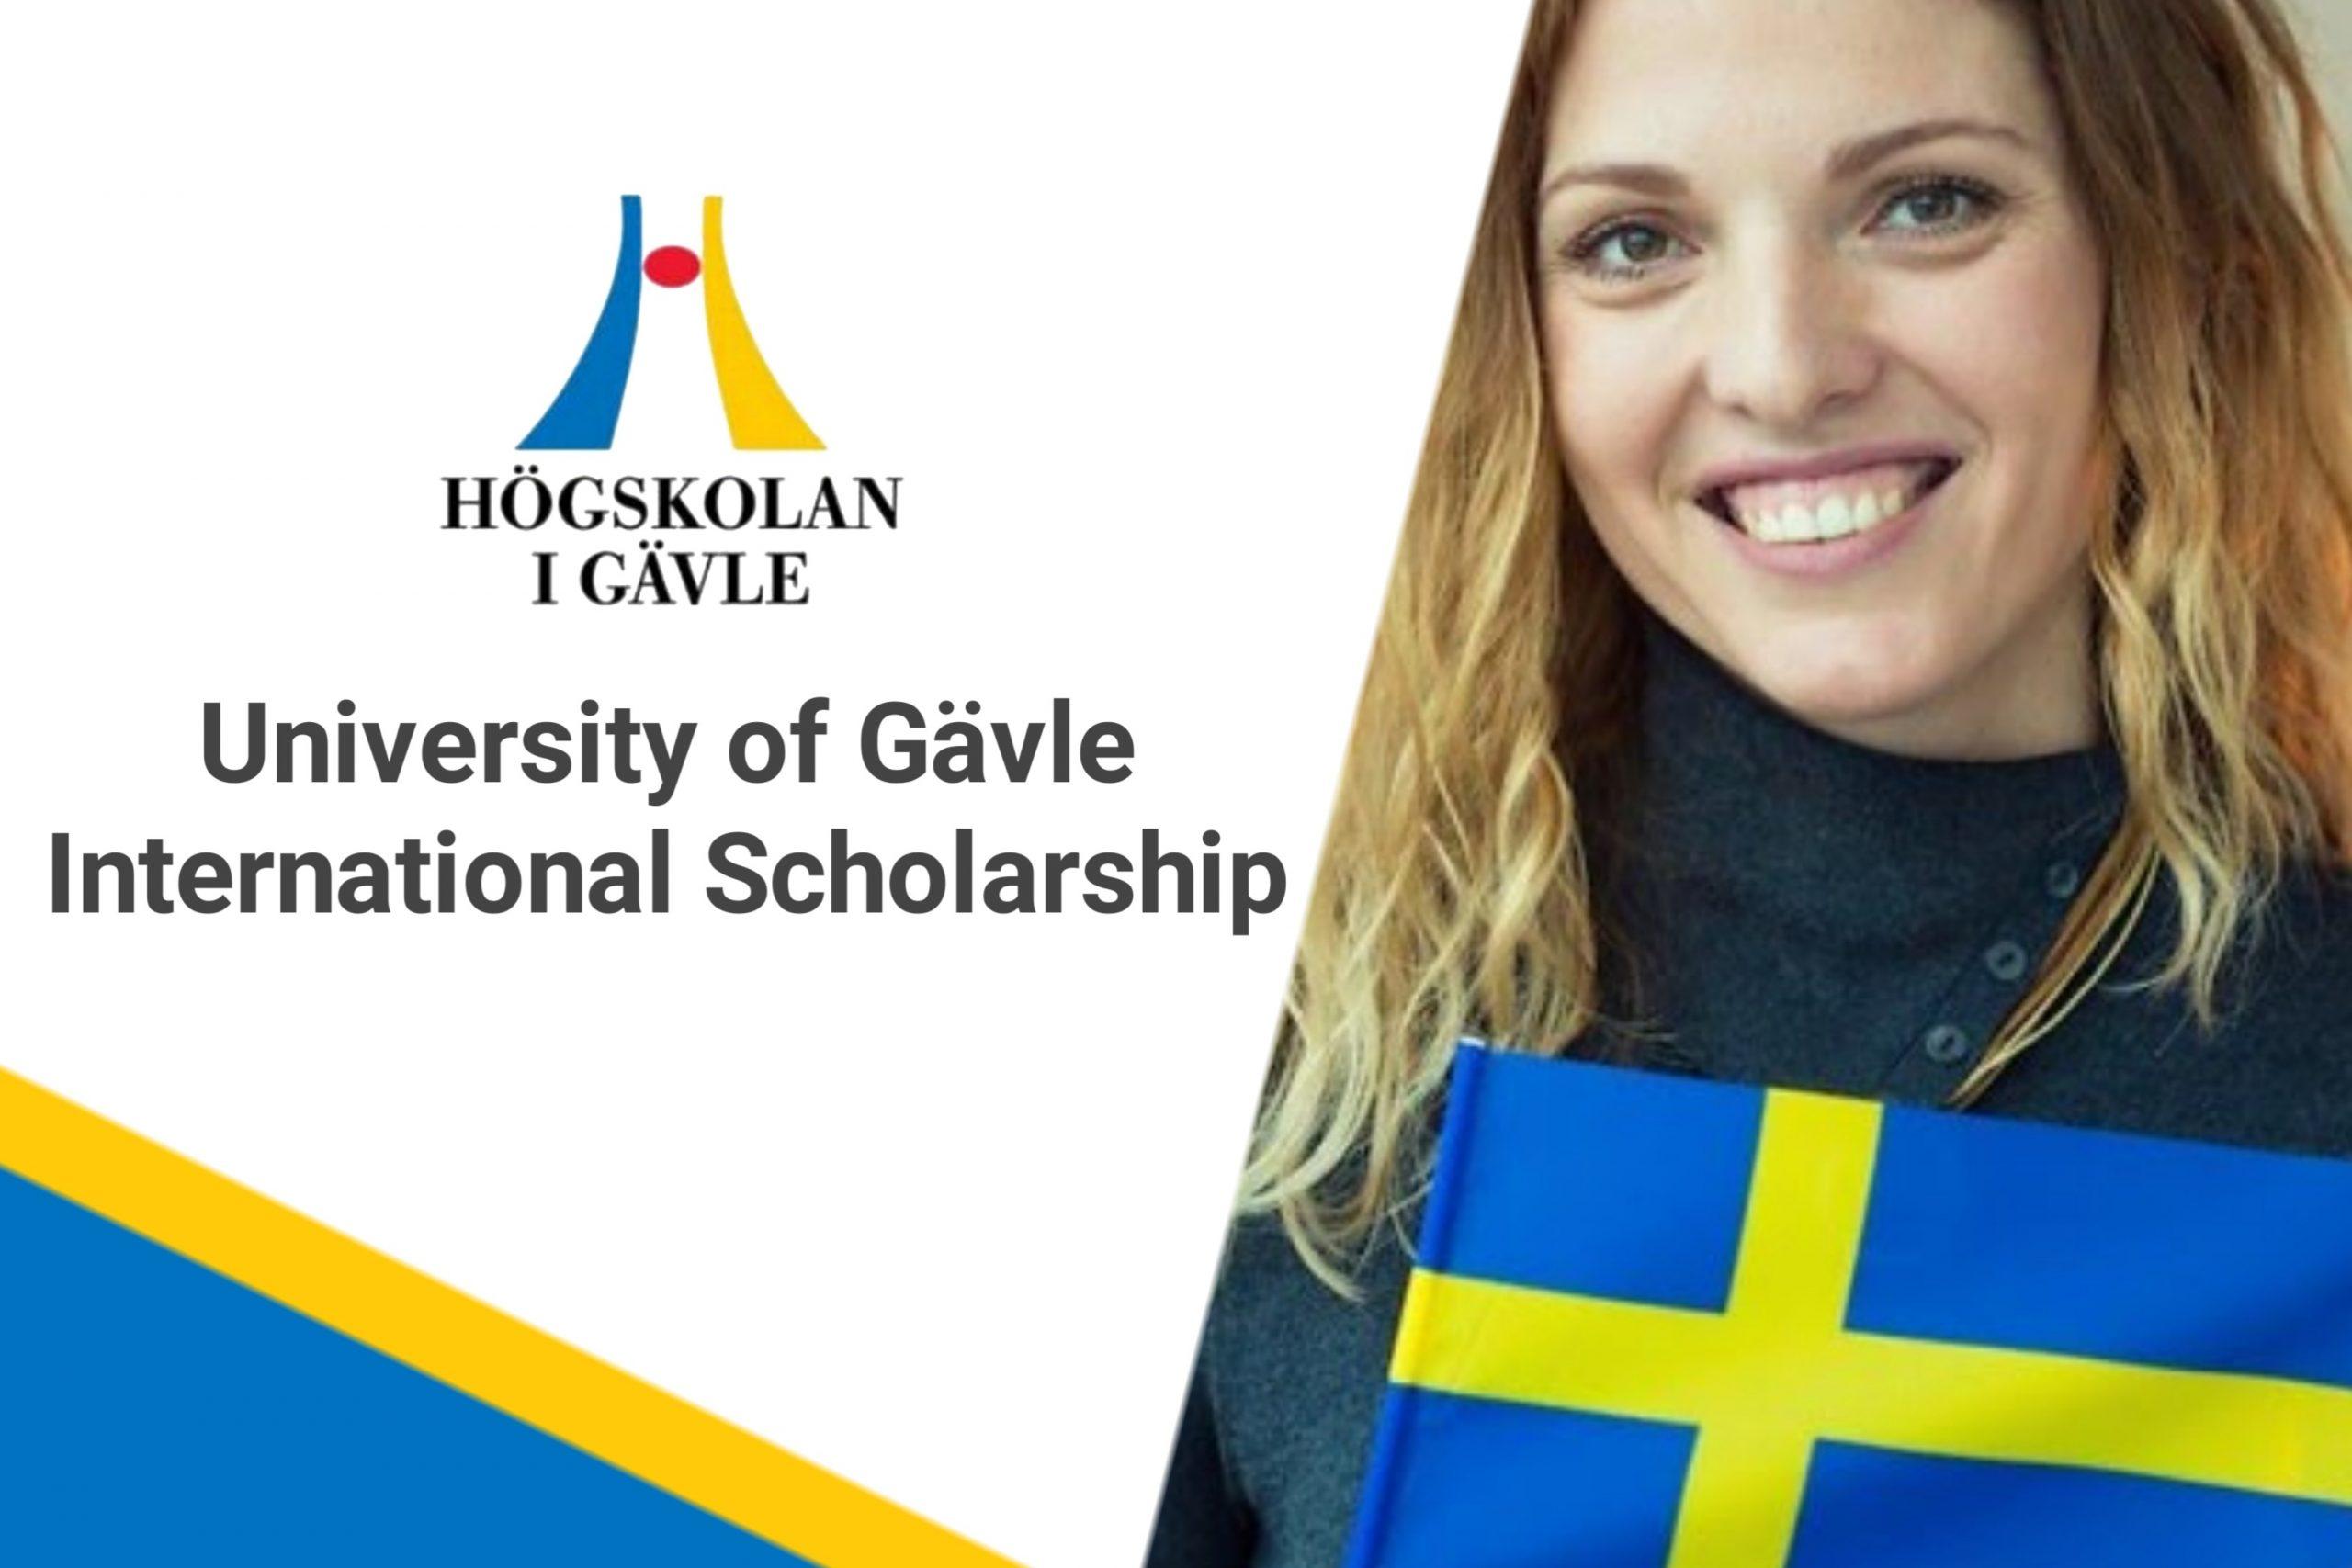 University of Gävle International Scholarship